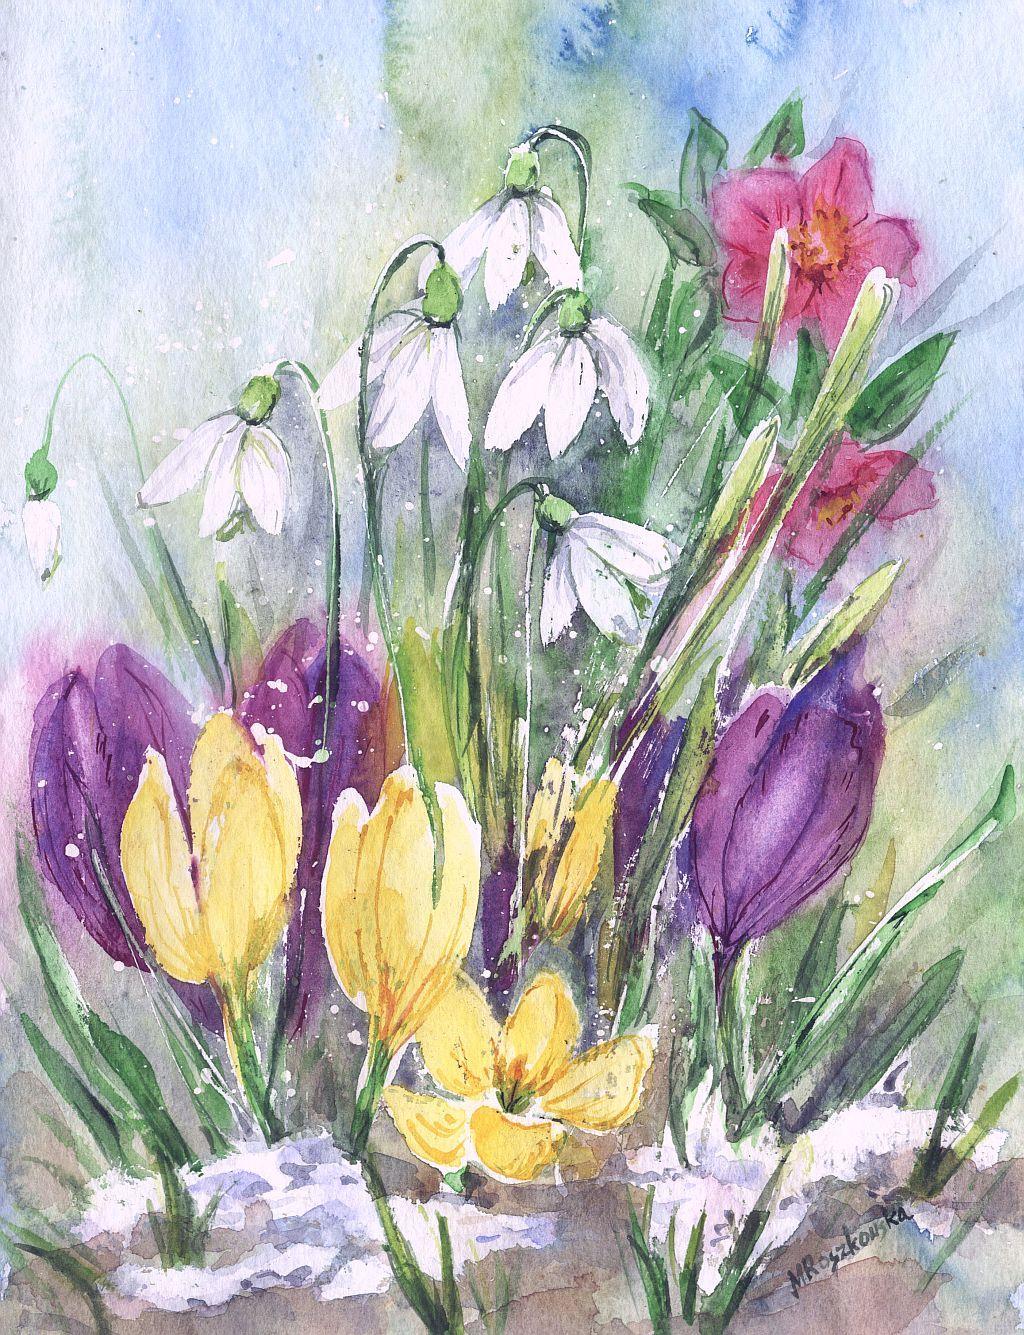 школах садиках рисунки первоцветы весенние очень упругие